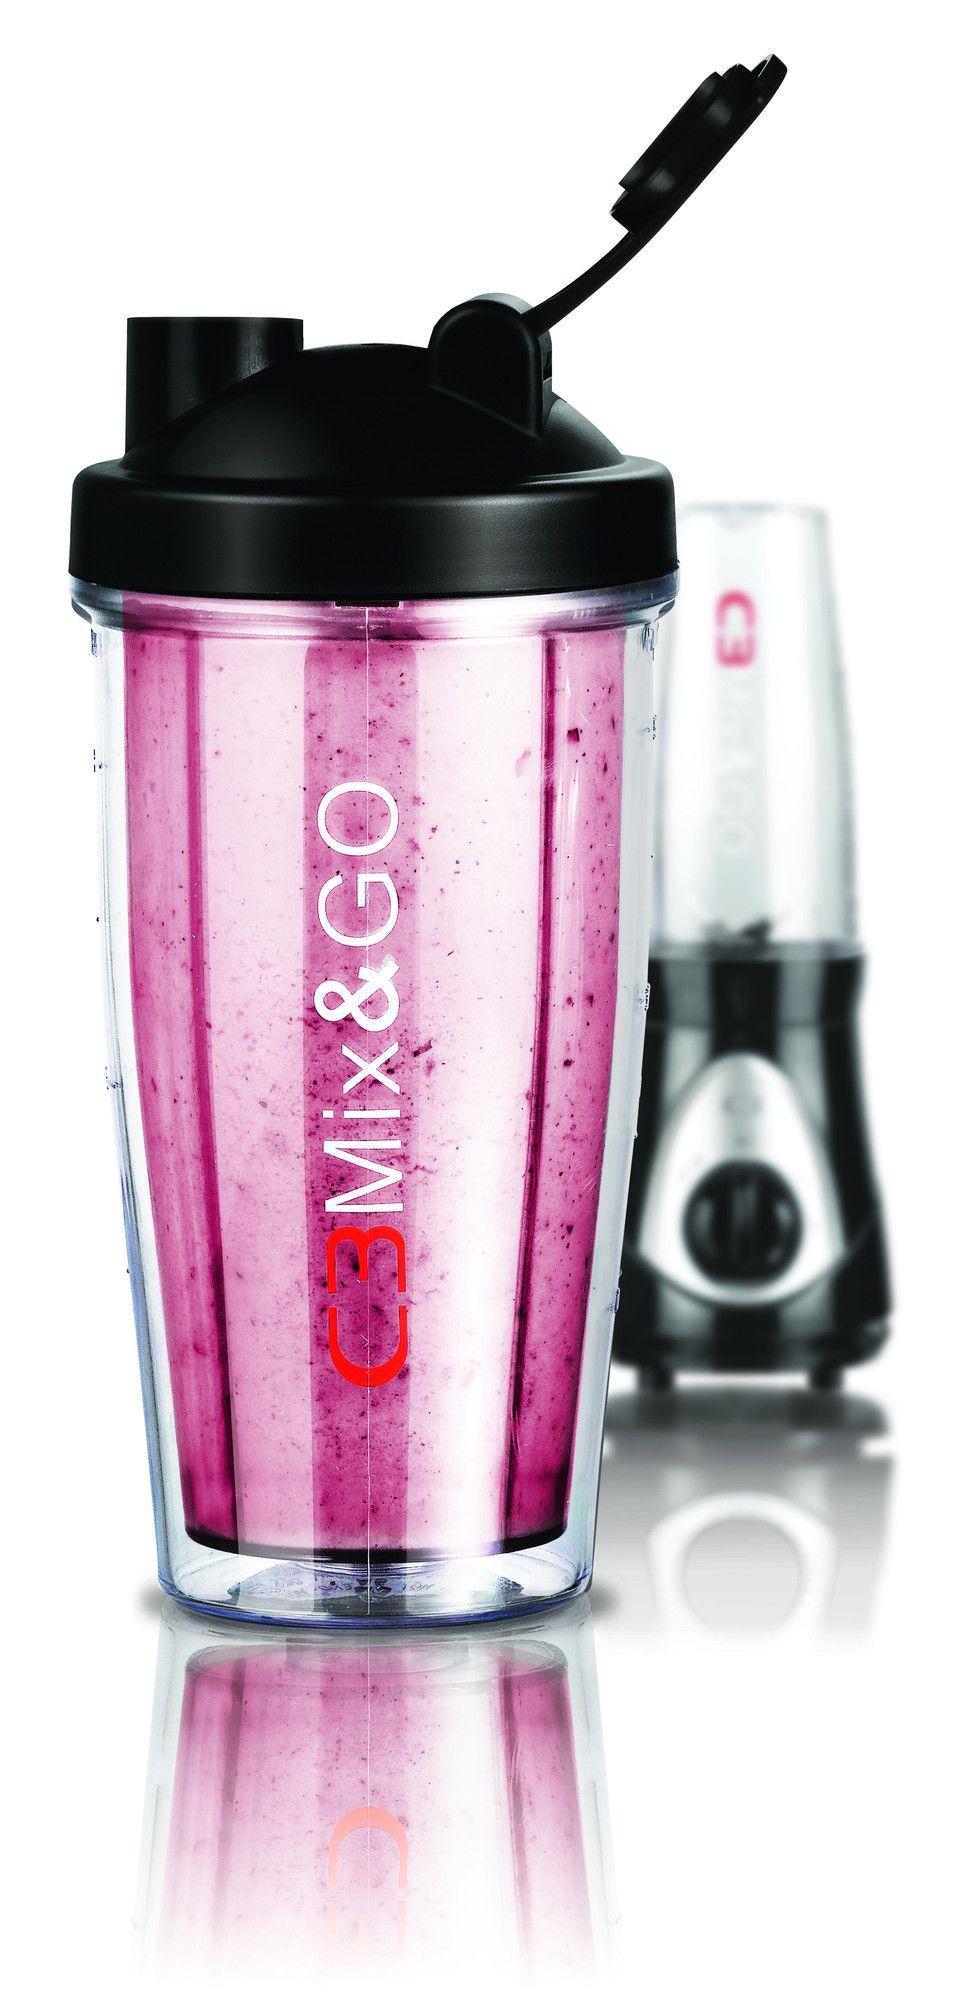 c3 mixer mix & go